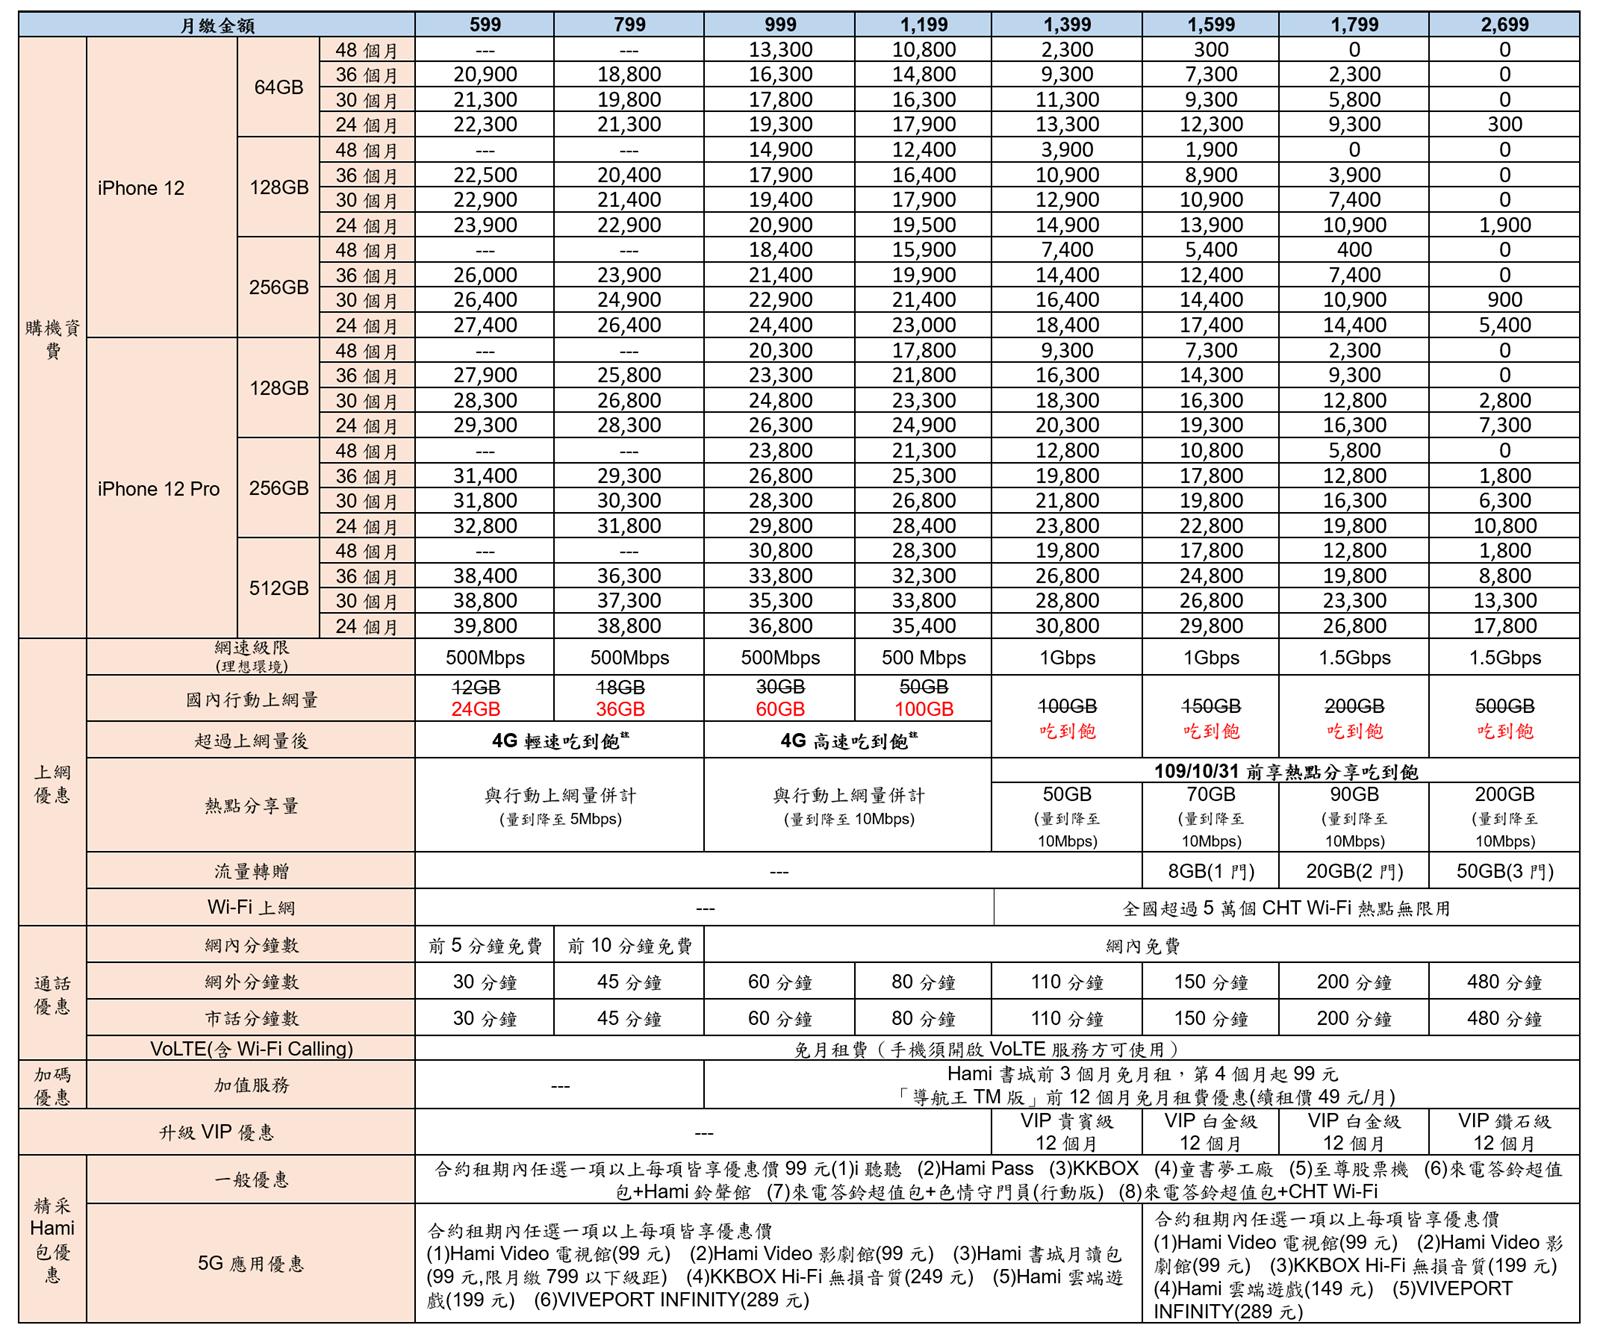 中華電信公布 iPhone 12、iPhone 12 Pro 5G 購機資費 @3C 達人廖阿輝